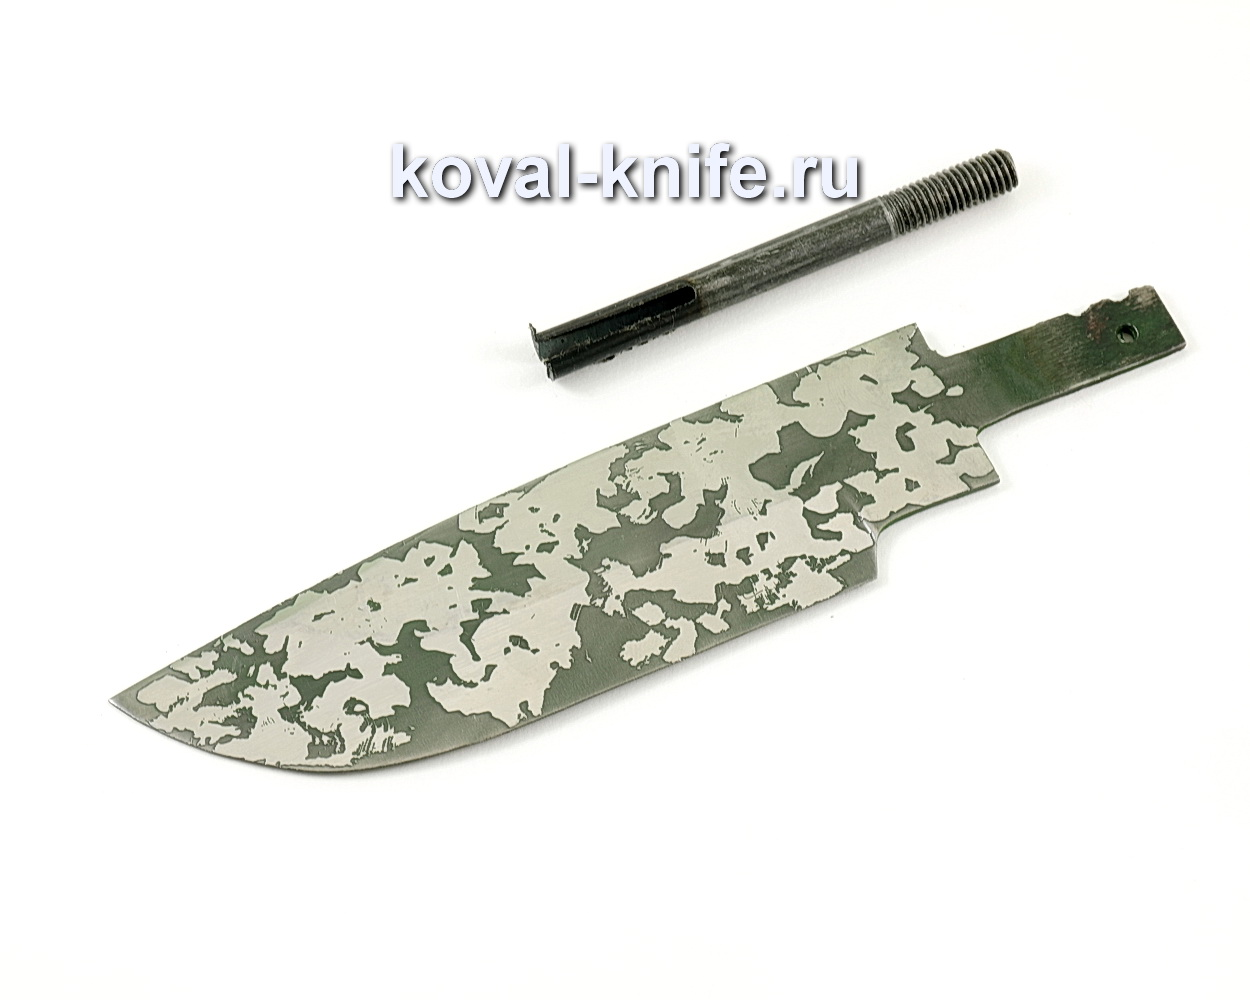 Клинок для ножа Барс (кованая сталь 95Х18, травление)